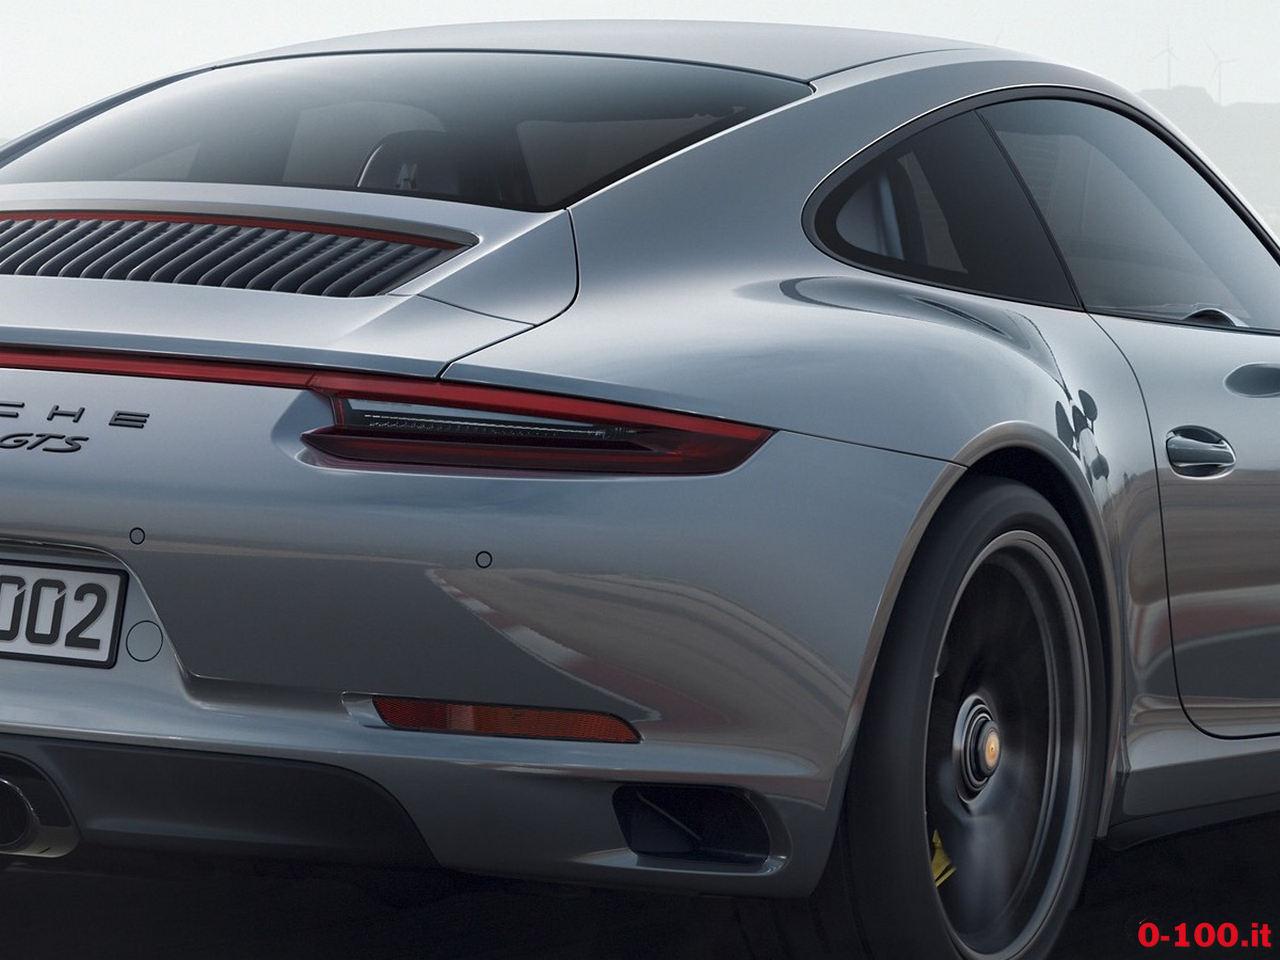 porsche_911-991-carrera-4-gts-coupe-targa-cabriolet-0-100_19